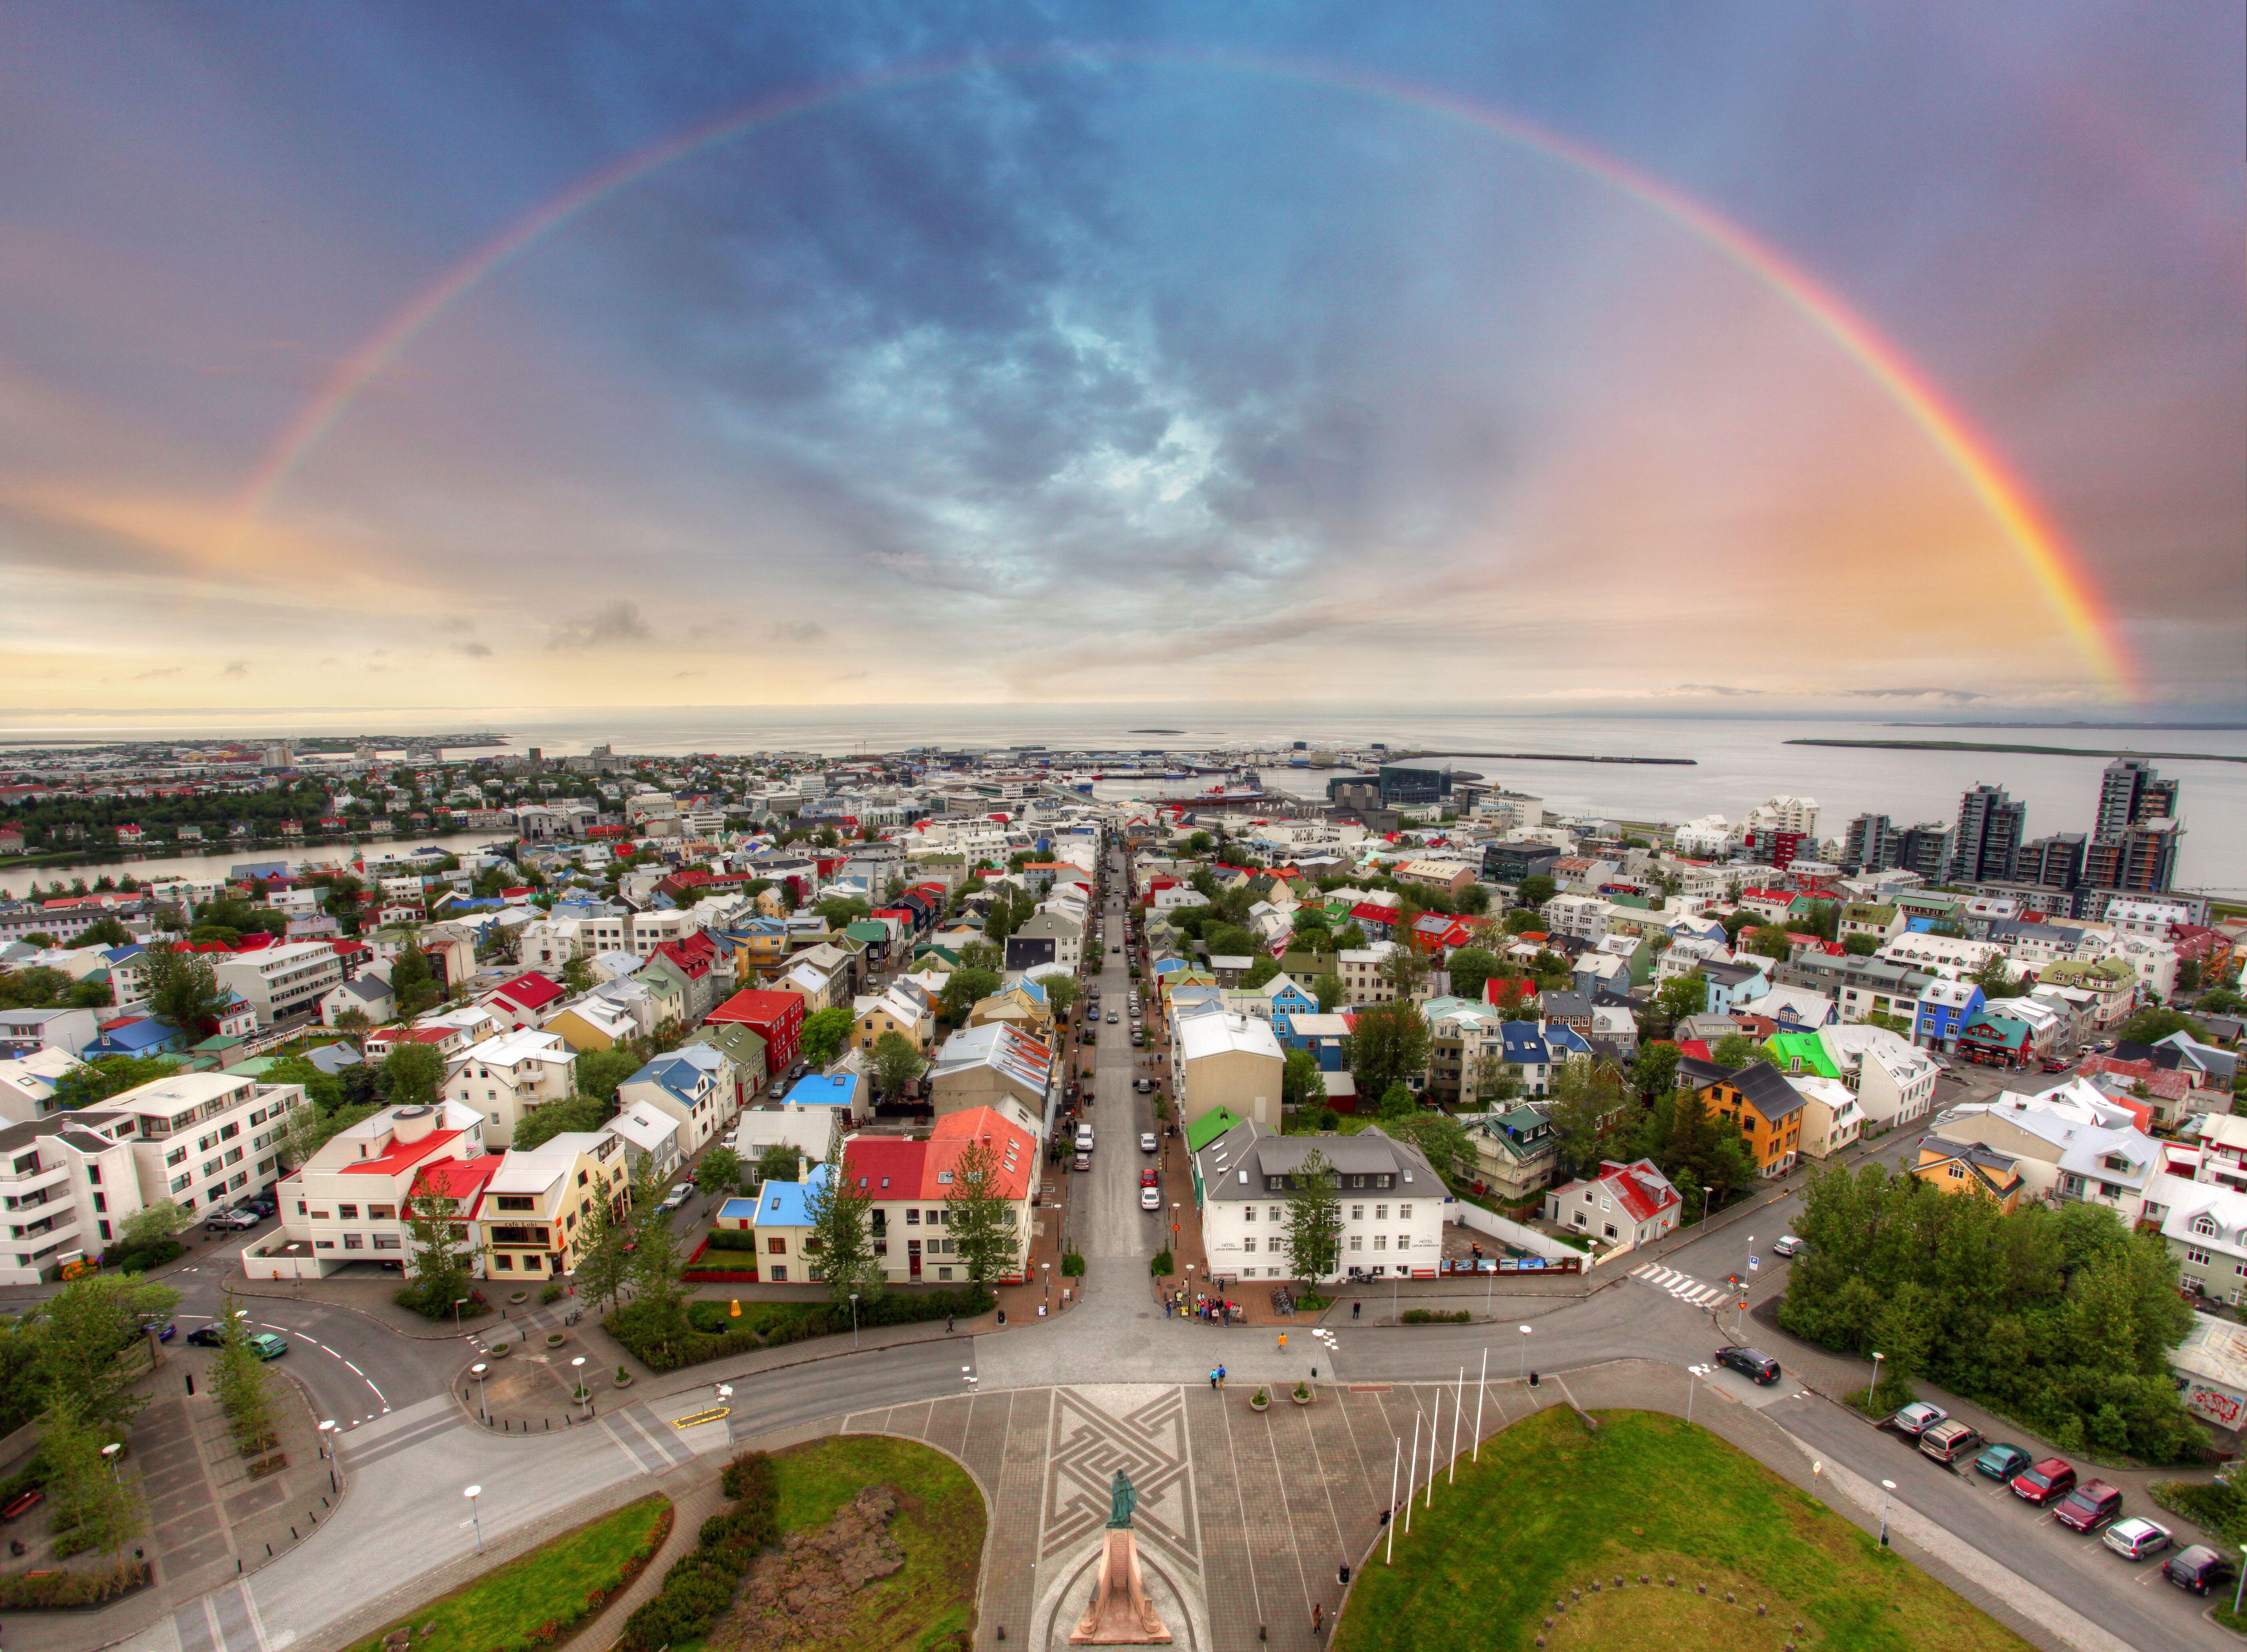 Widok z wieży kościoła Hallgrimskirkja w centrum Reykjaviku.